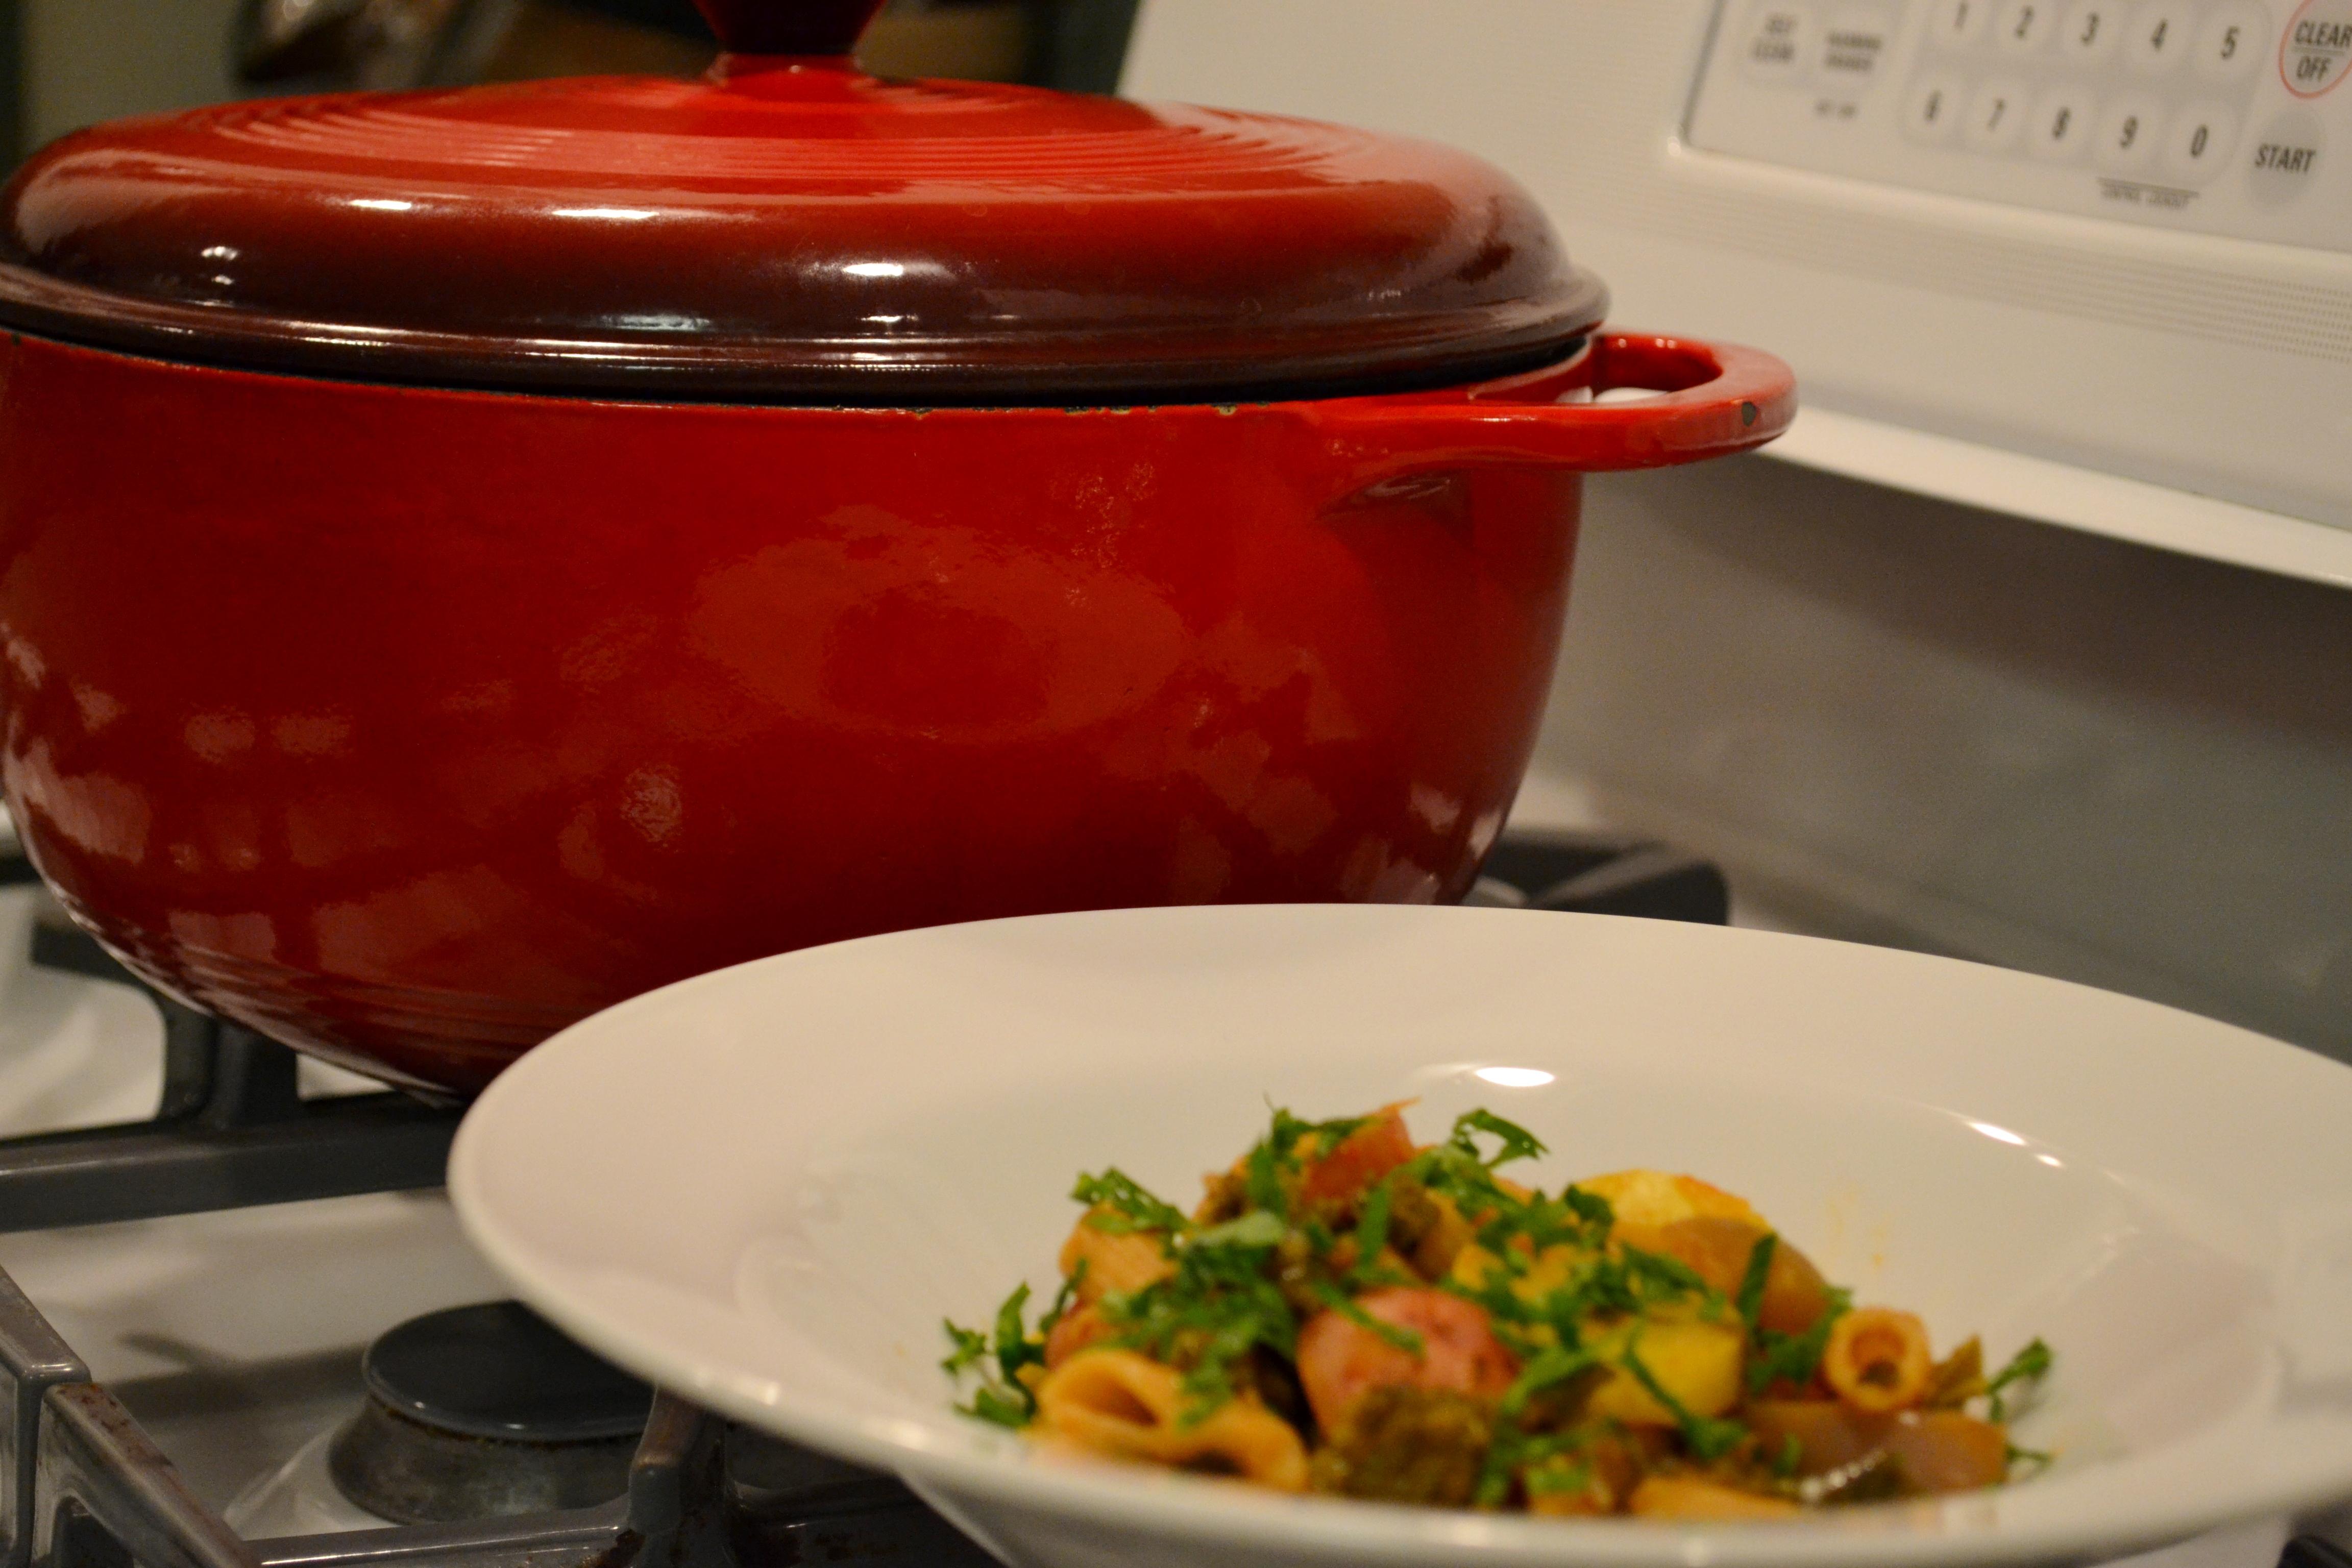 One-Pot Veggie & Penne Supper